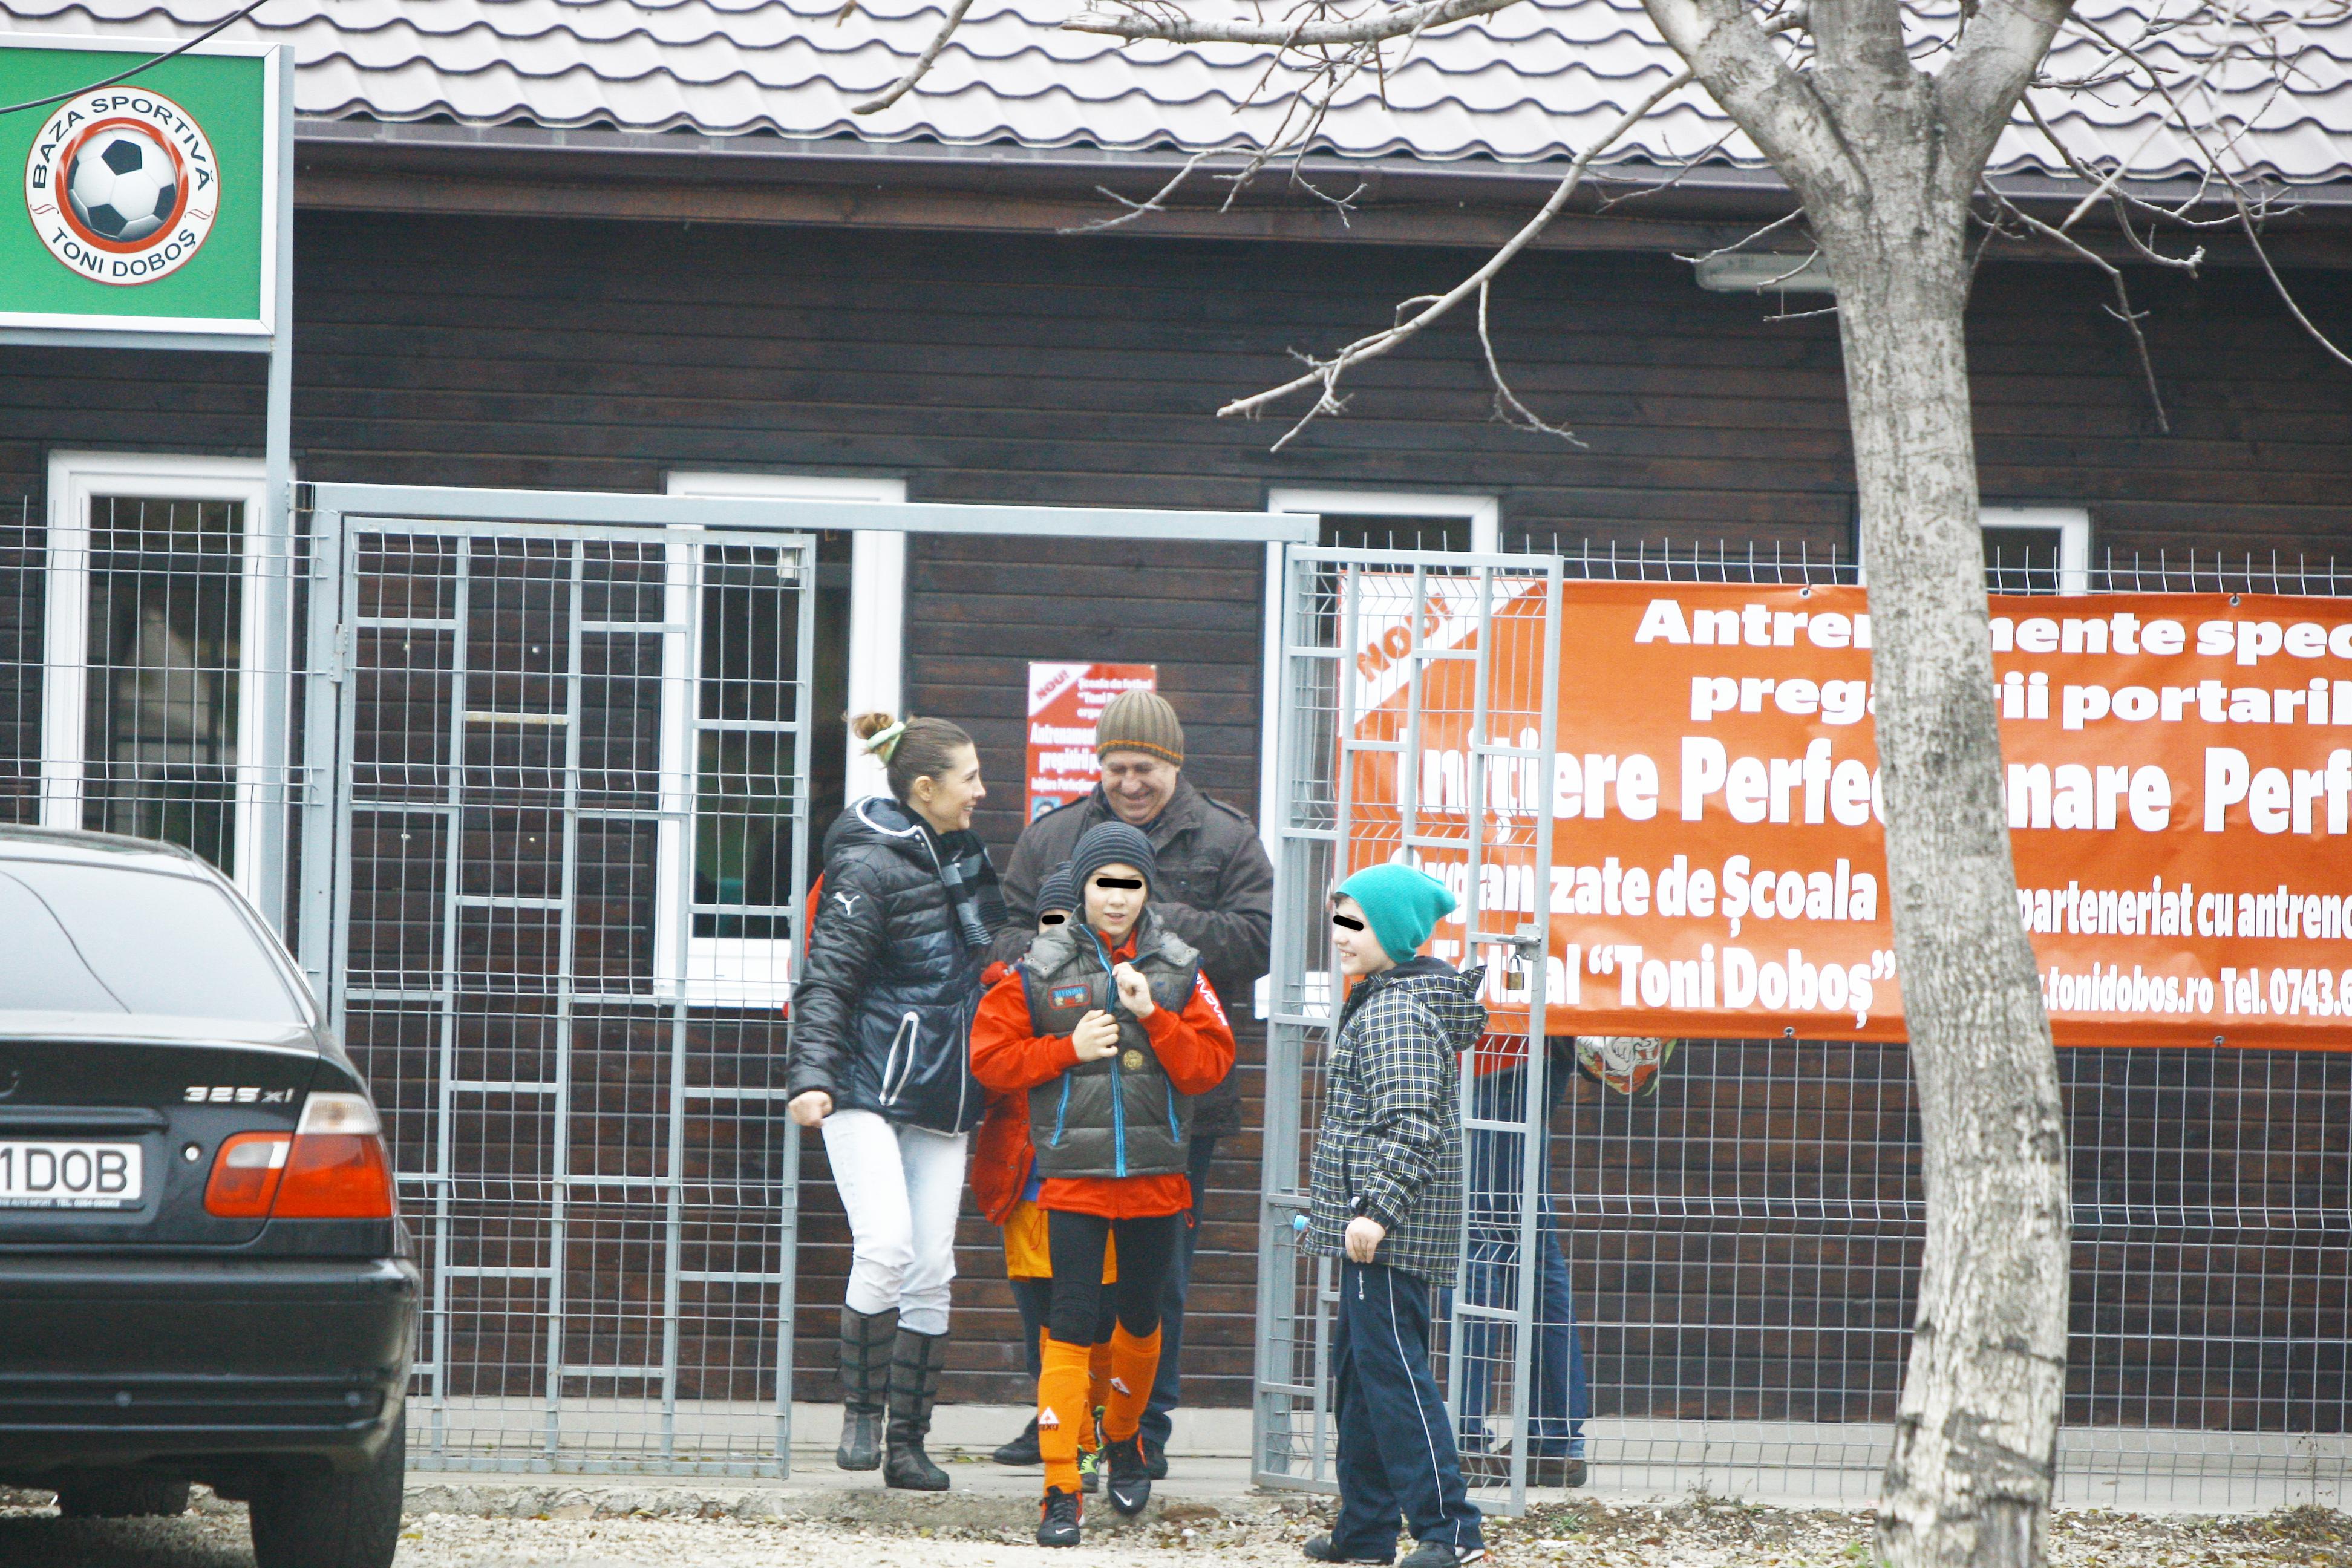 George Mihaita iese de la terenul de forbal impreuna cu copiii sai